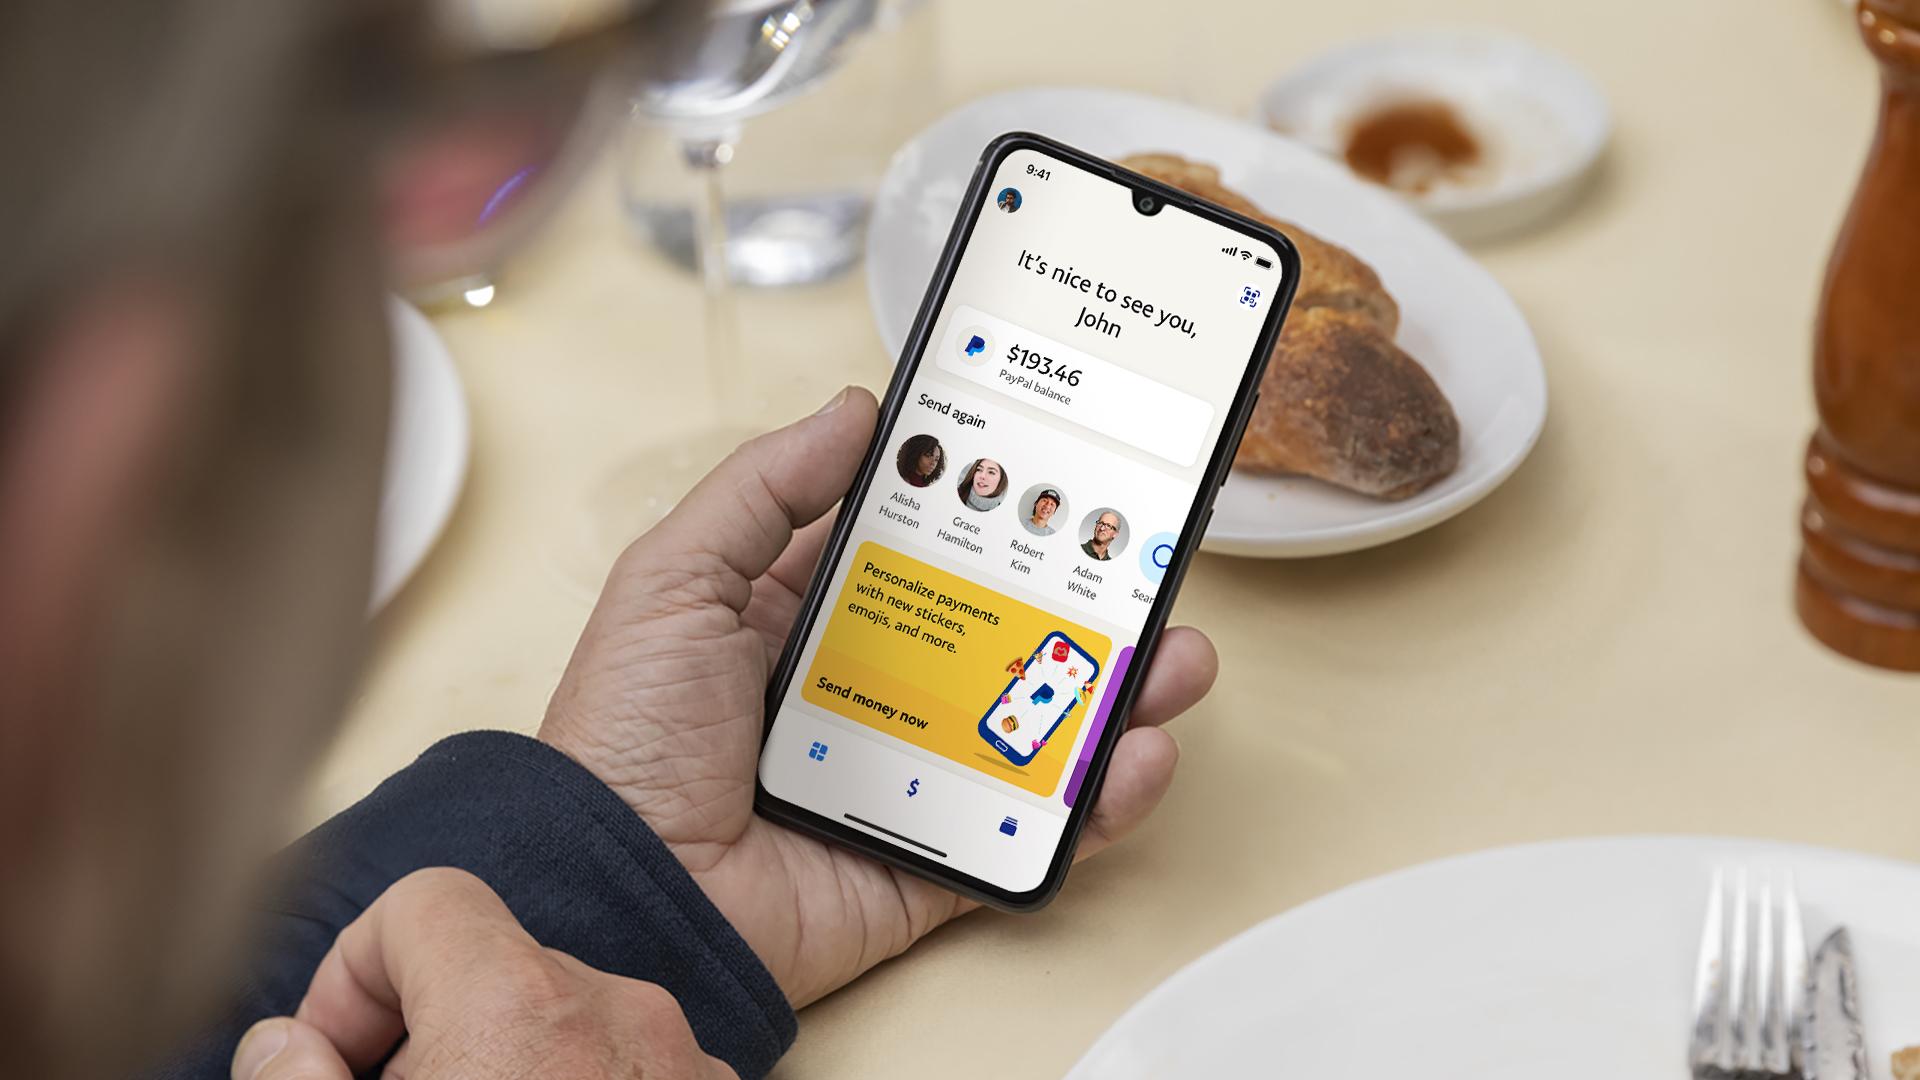 PayPal Digital Wallet